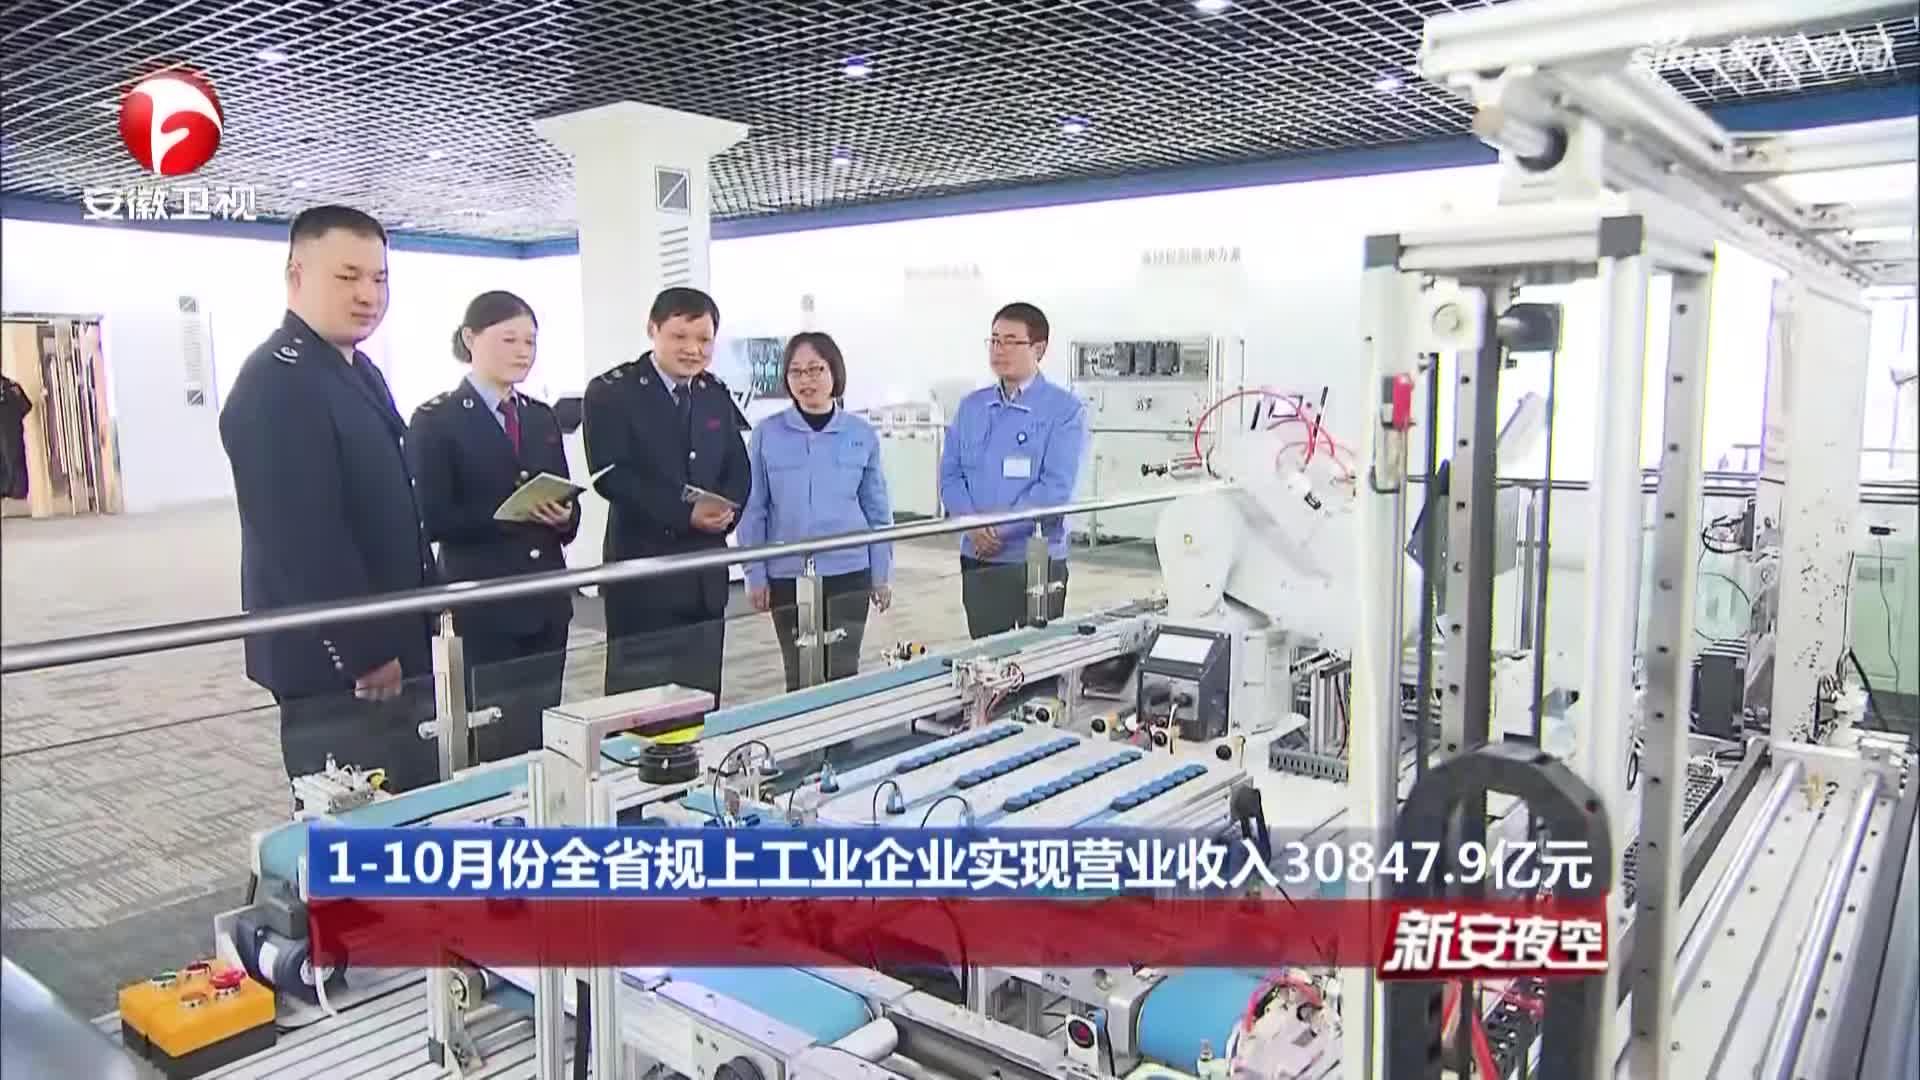 《新安夜空》1-10月份全省规上工业企业实现营业收入30847.9亿元